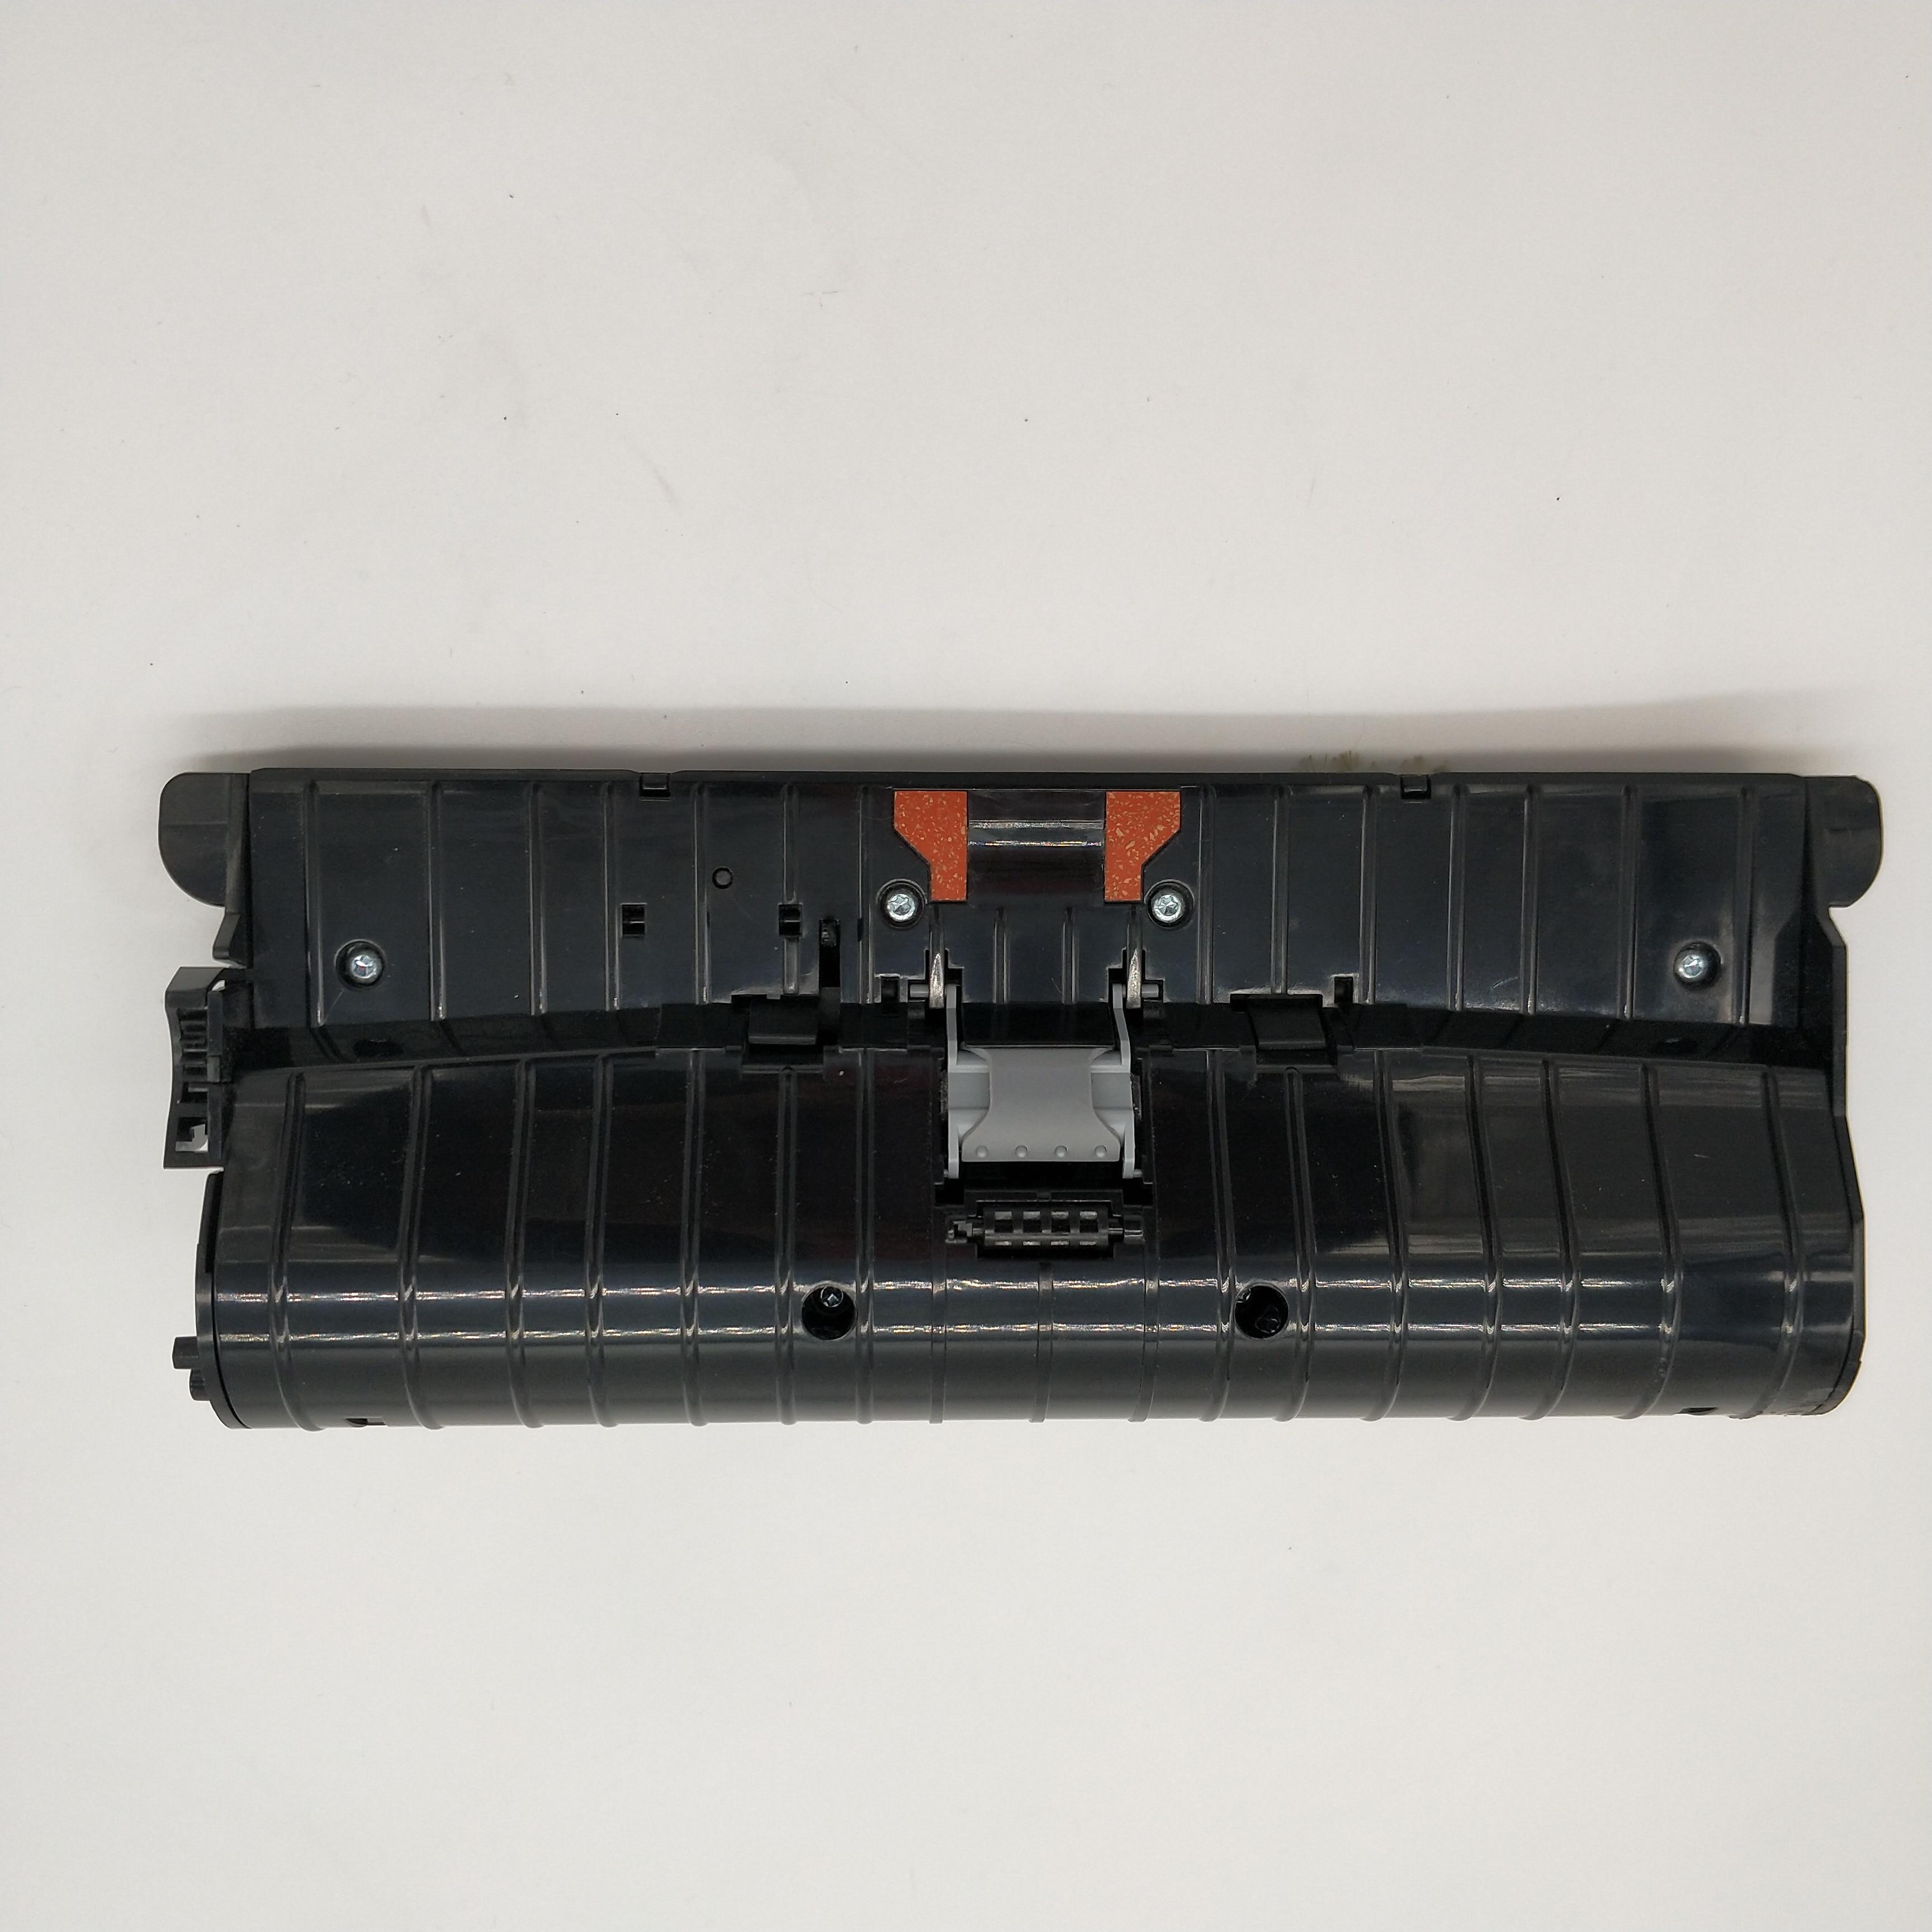 Оригинальный CF484-60116 для HP M225DW M226DW CM1415 175A M225 M226 225 226 1536 ADF ядро сборки Q7400-60005 части принтера